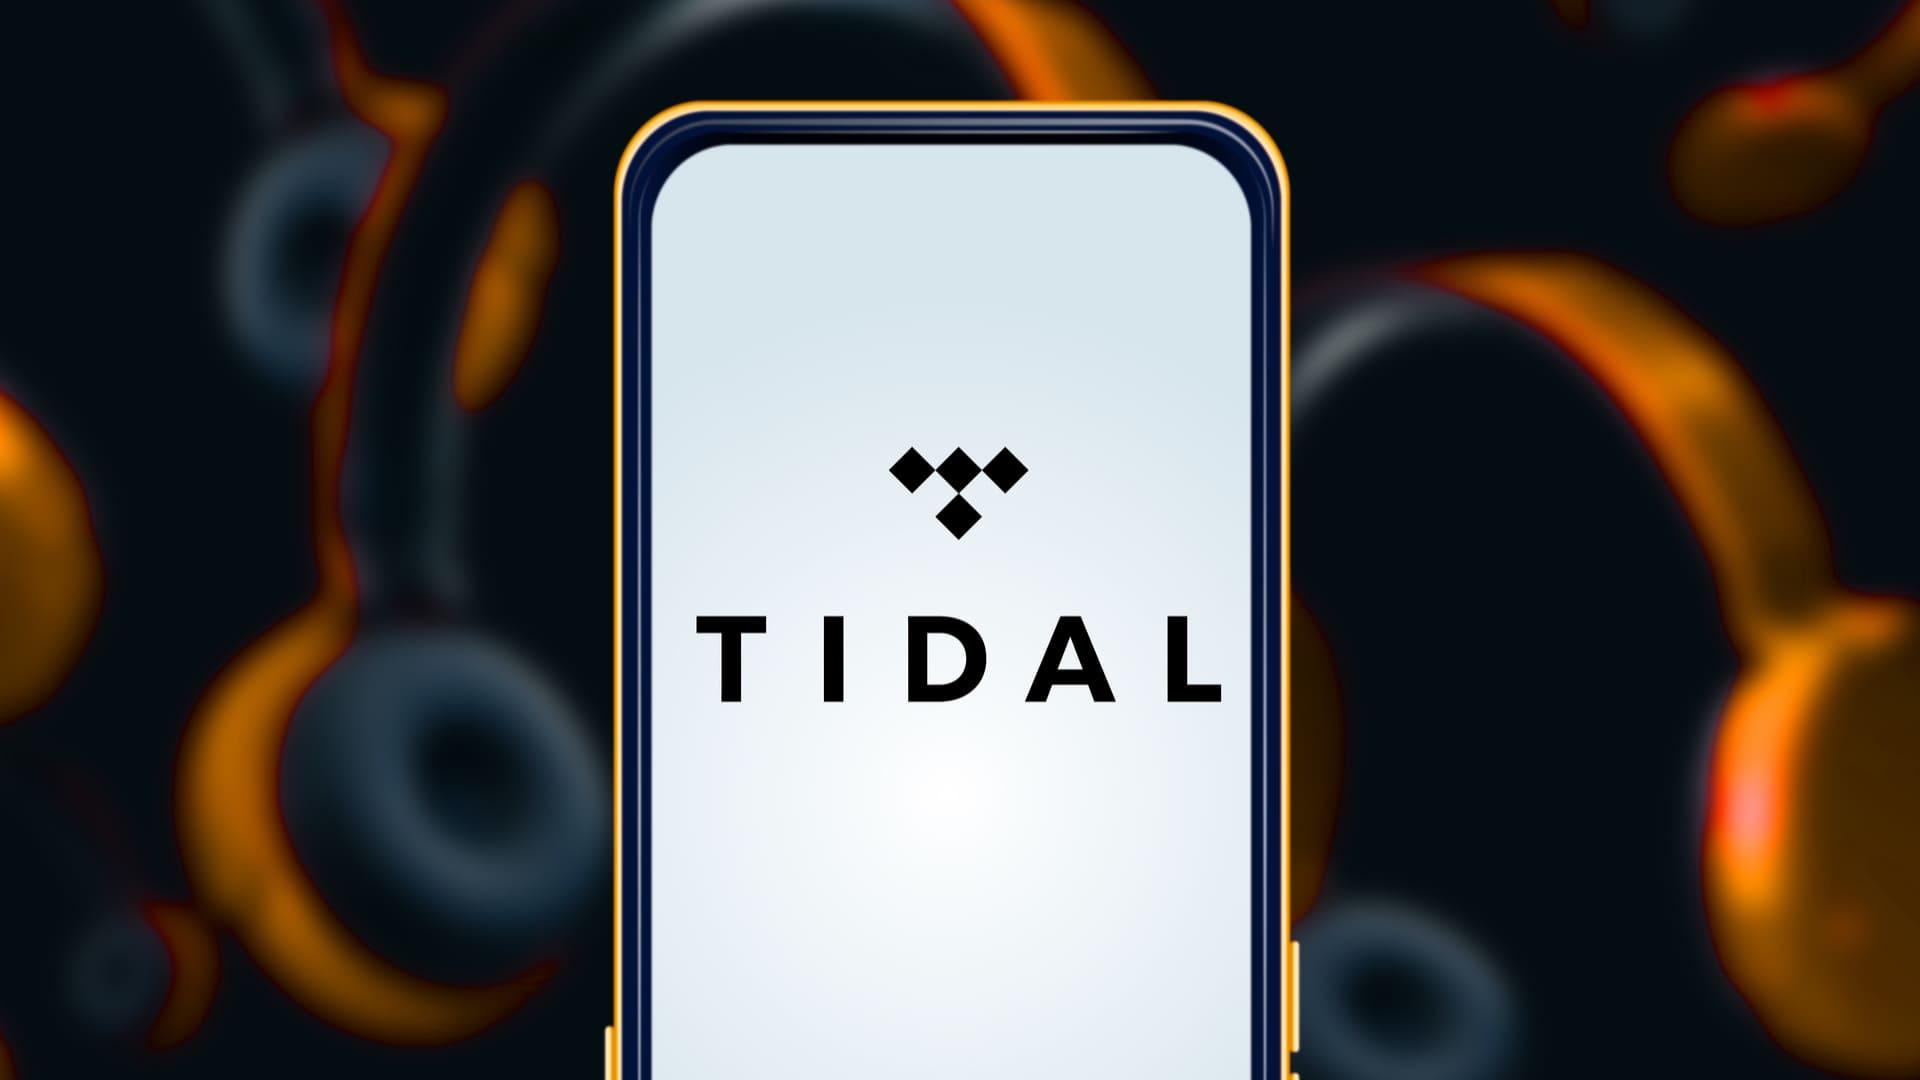 O Tidal é o streaming musical fundado pelo casal Beyoncé e Jay-Z. (Imagem: Reprodução/Shutterstock)